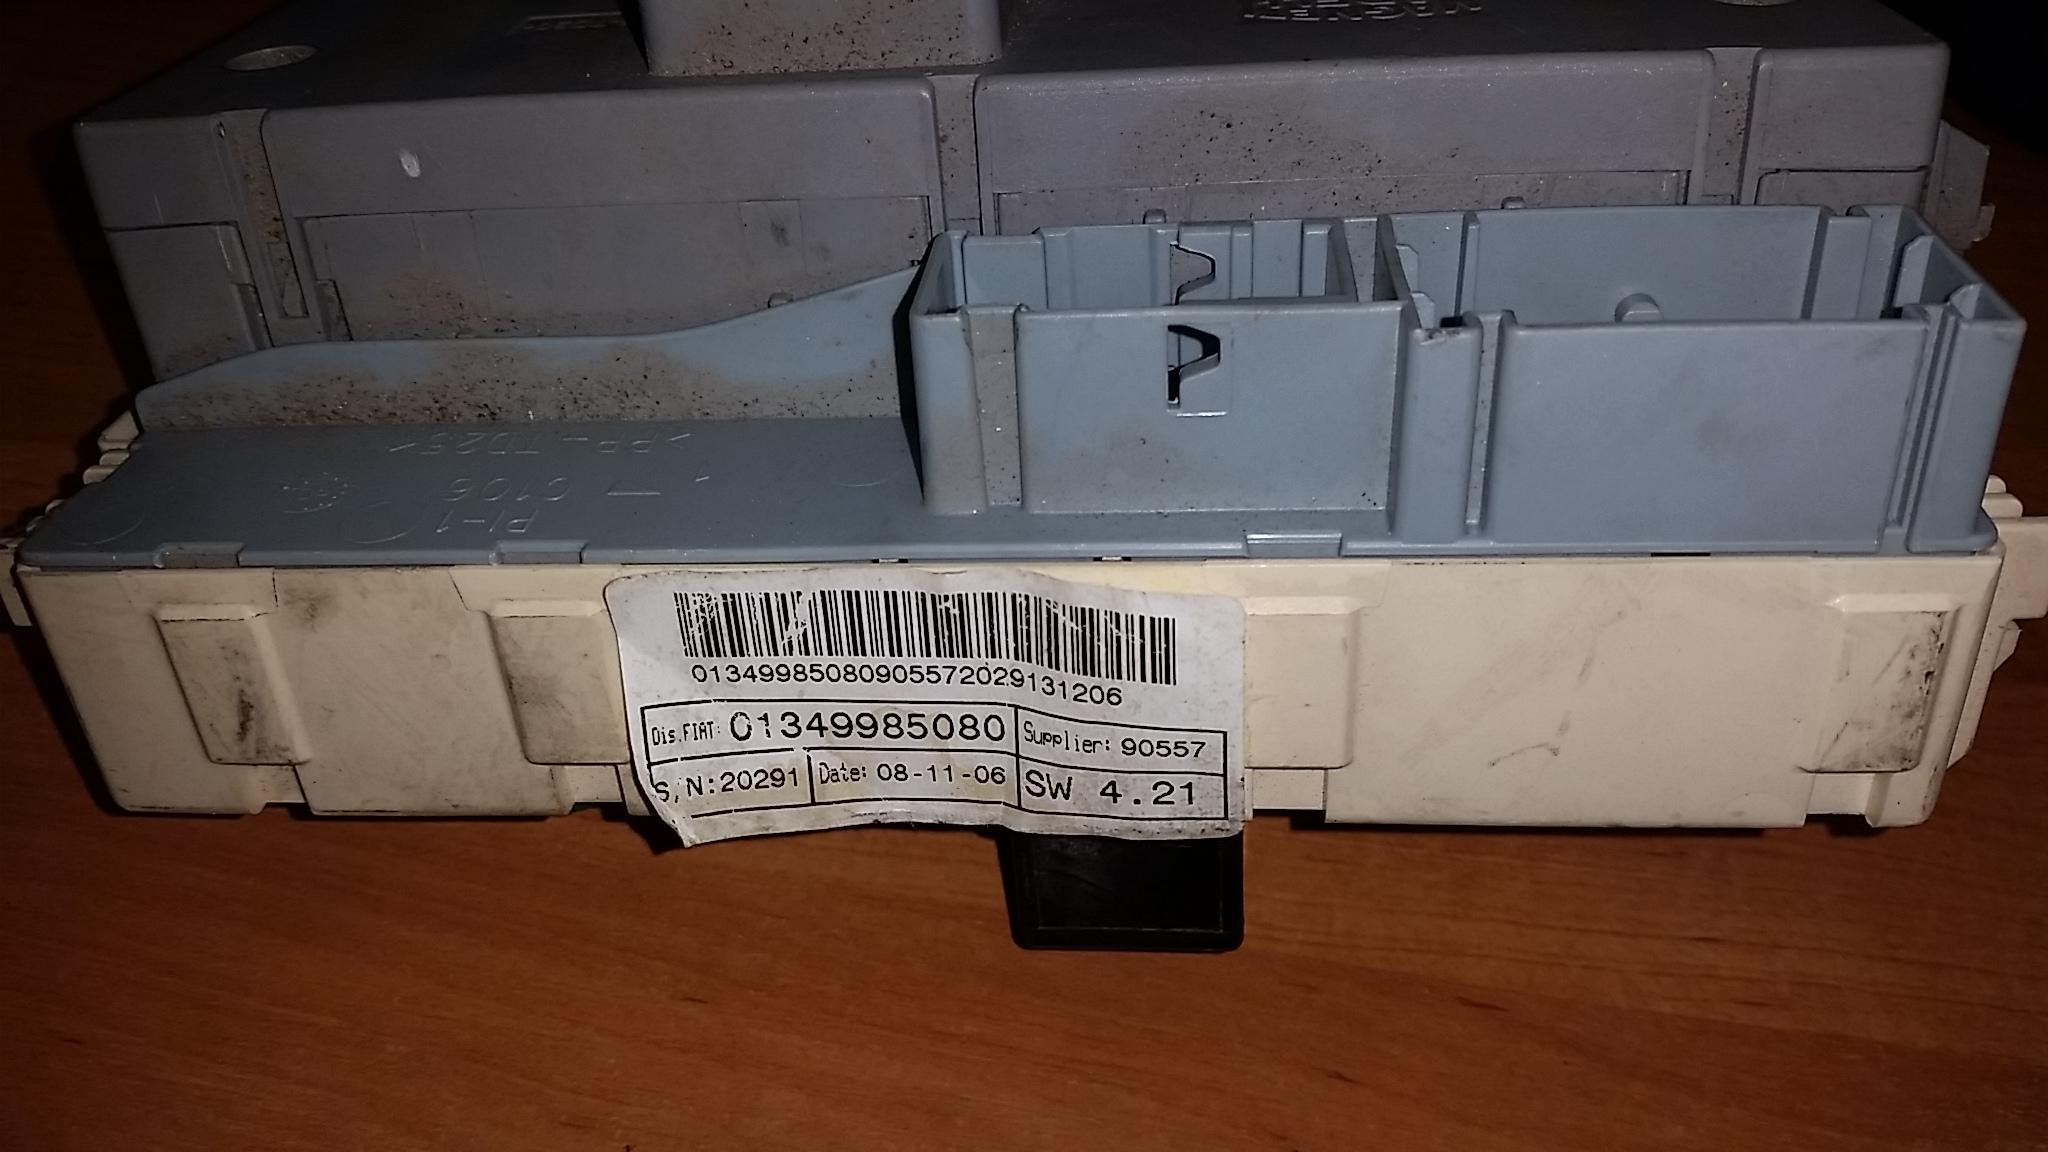 peugeot boxer, jumper, ducato, 06-13, 2,2 diesel, fuse box, 01349985080  (article: 01349985080)